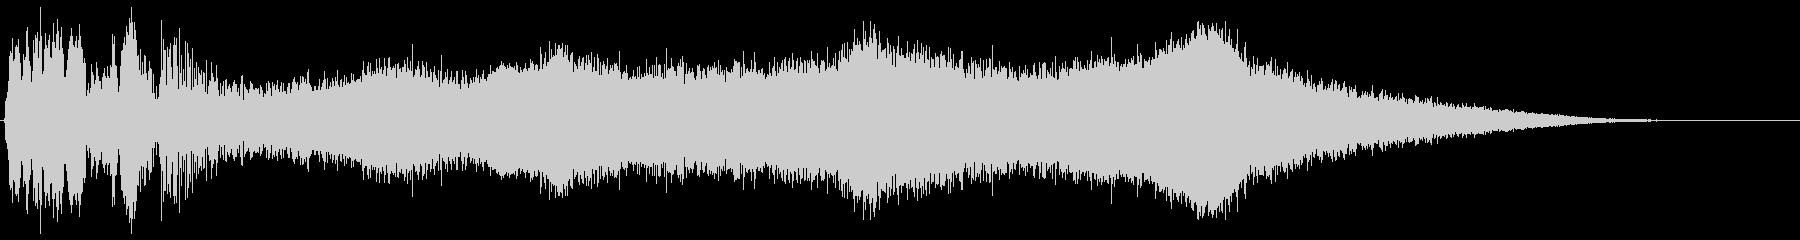 ハードディスク 起動音(ヴゥィィィン)の未再生の波形